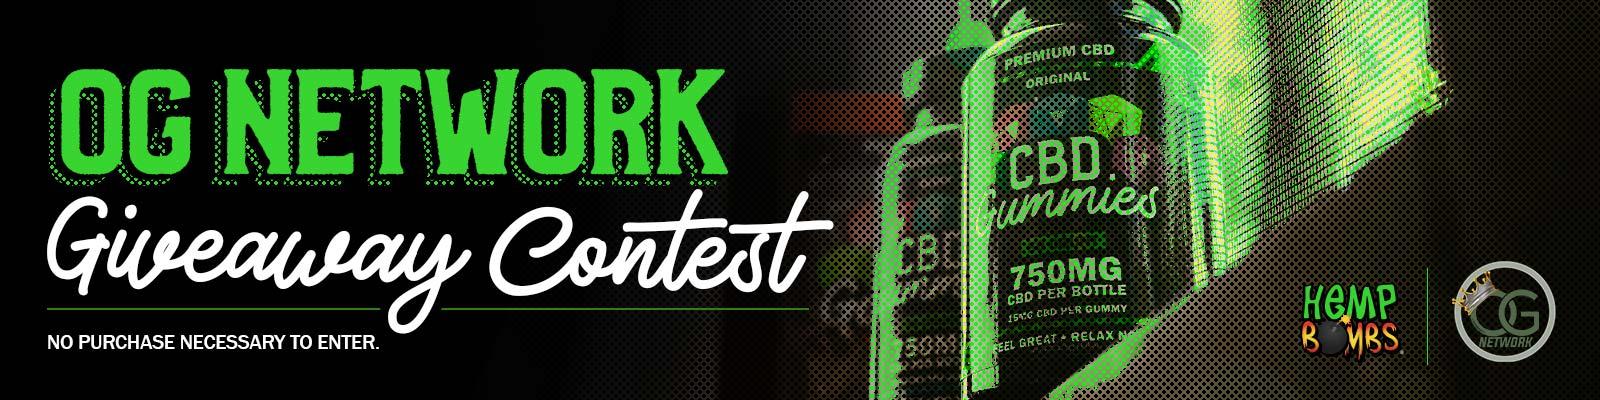 OG Network Giveaway Contest